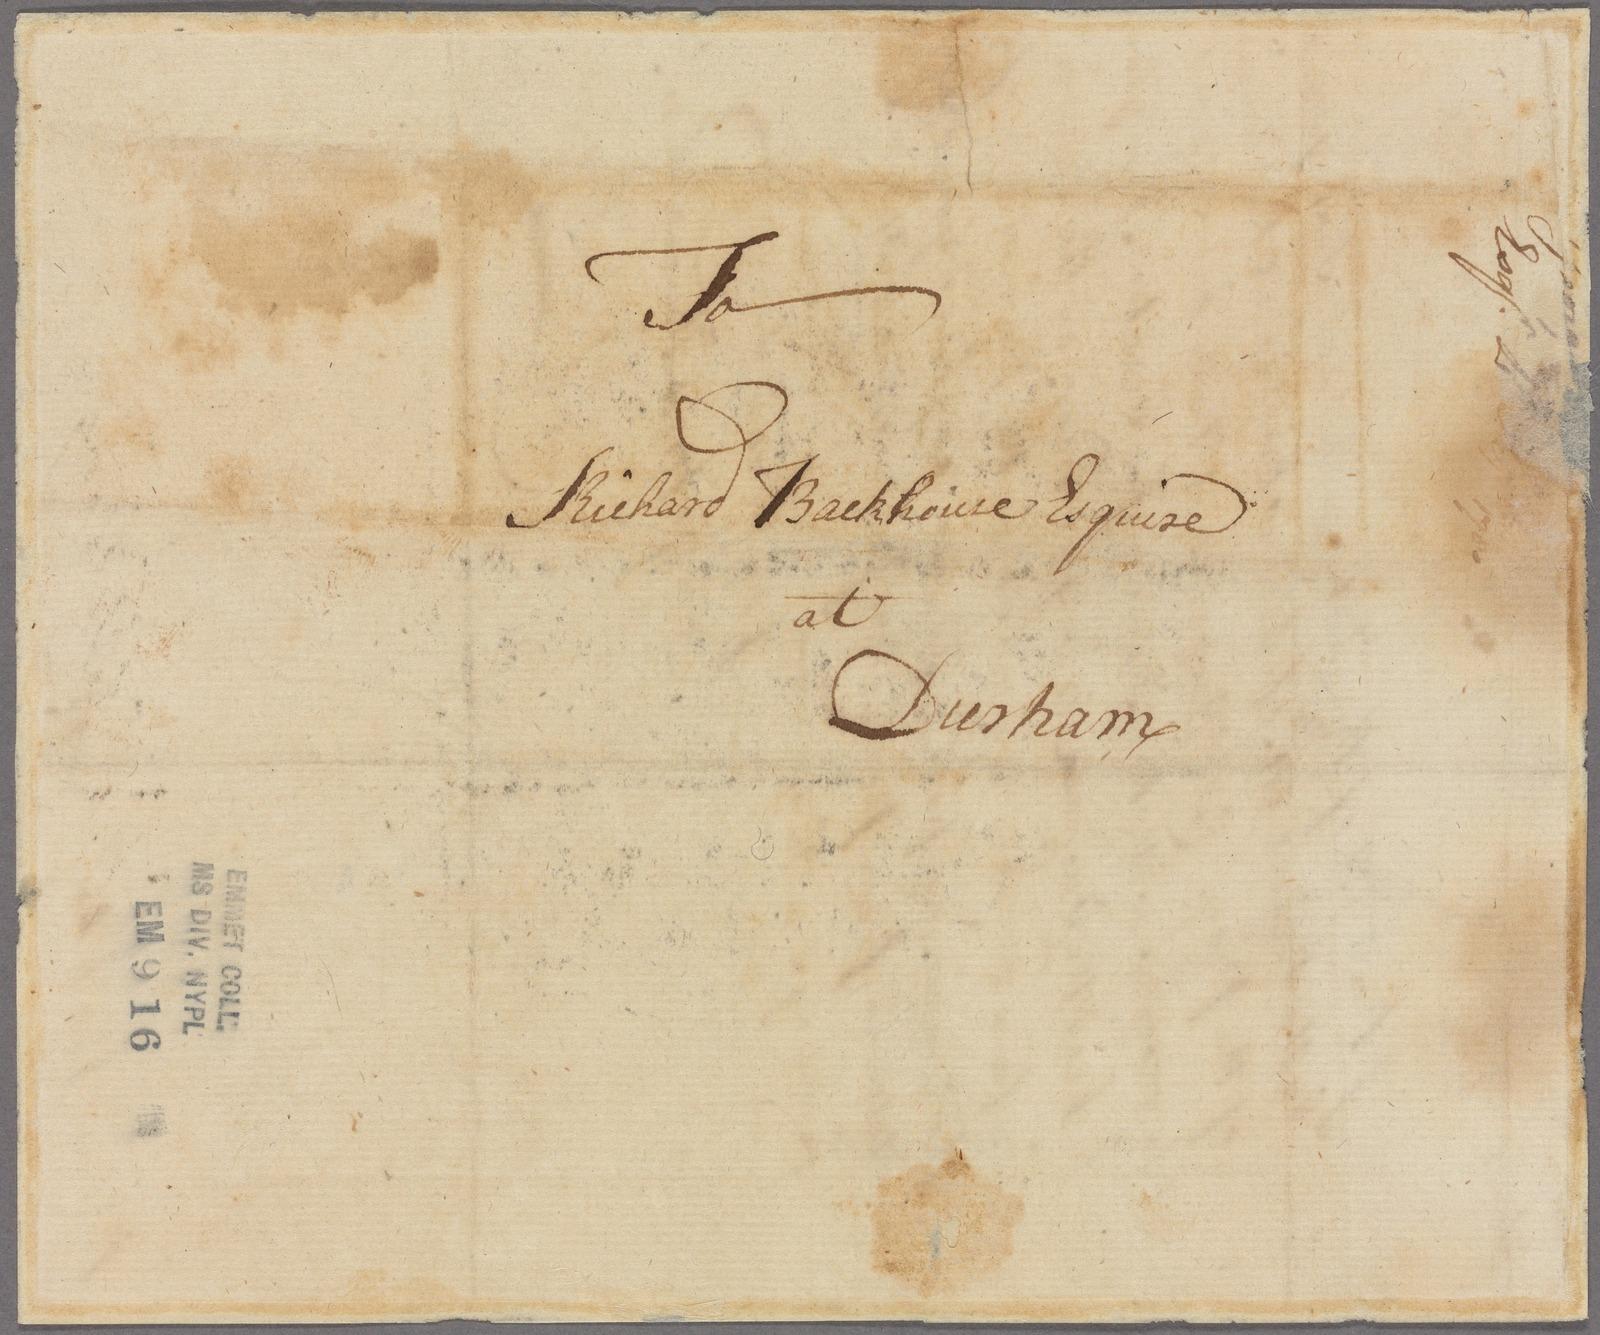 Letter to Richard Backhouse, Durham [Penn.]